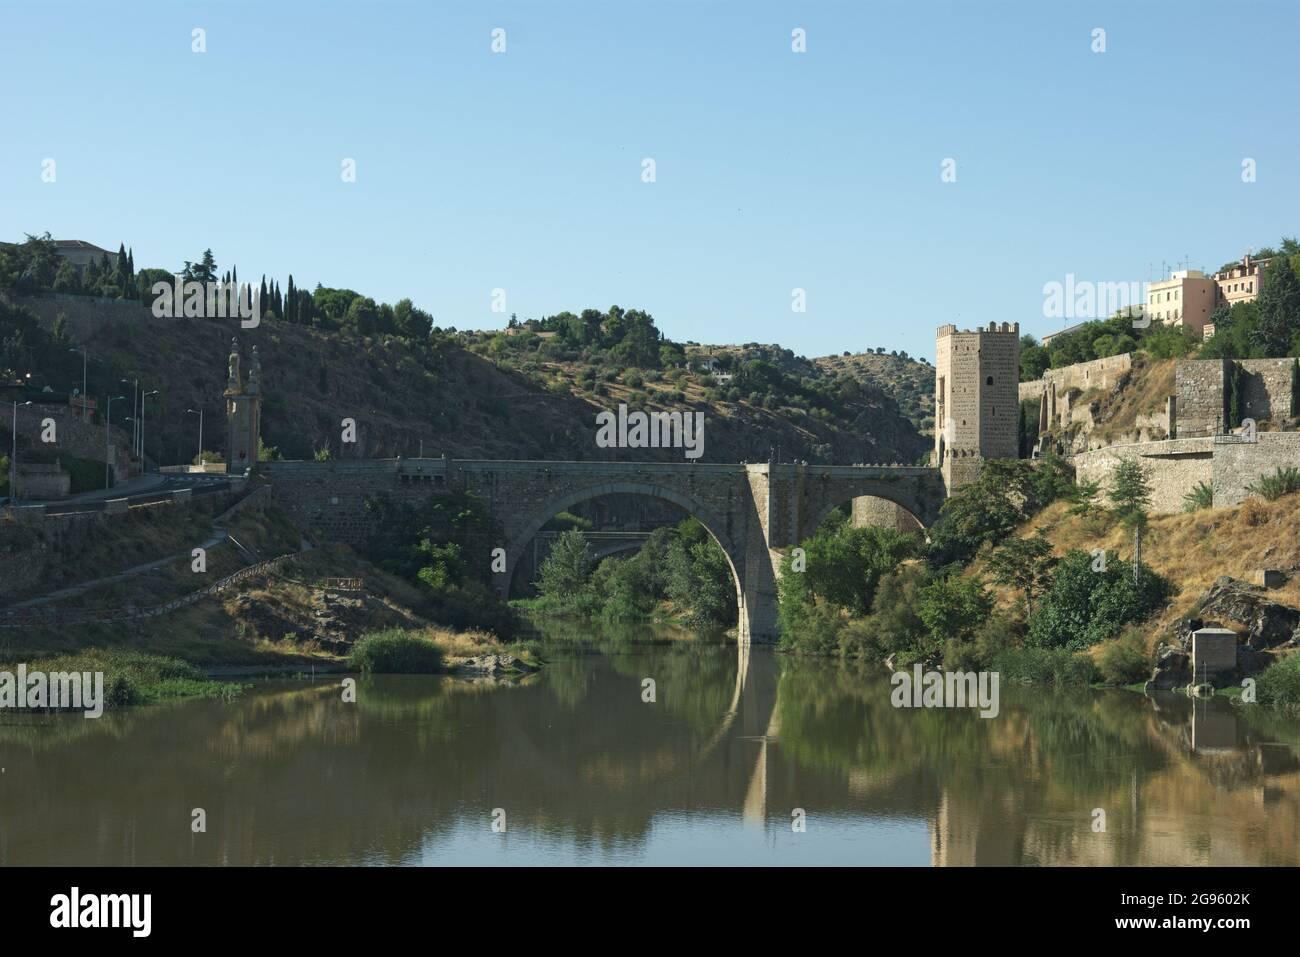 Vue sur le pont Alcantara à Tolède, Espagne. La forme élégante du pont se reflète sur les eaux fixes du Tage. Banque D'Images